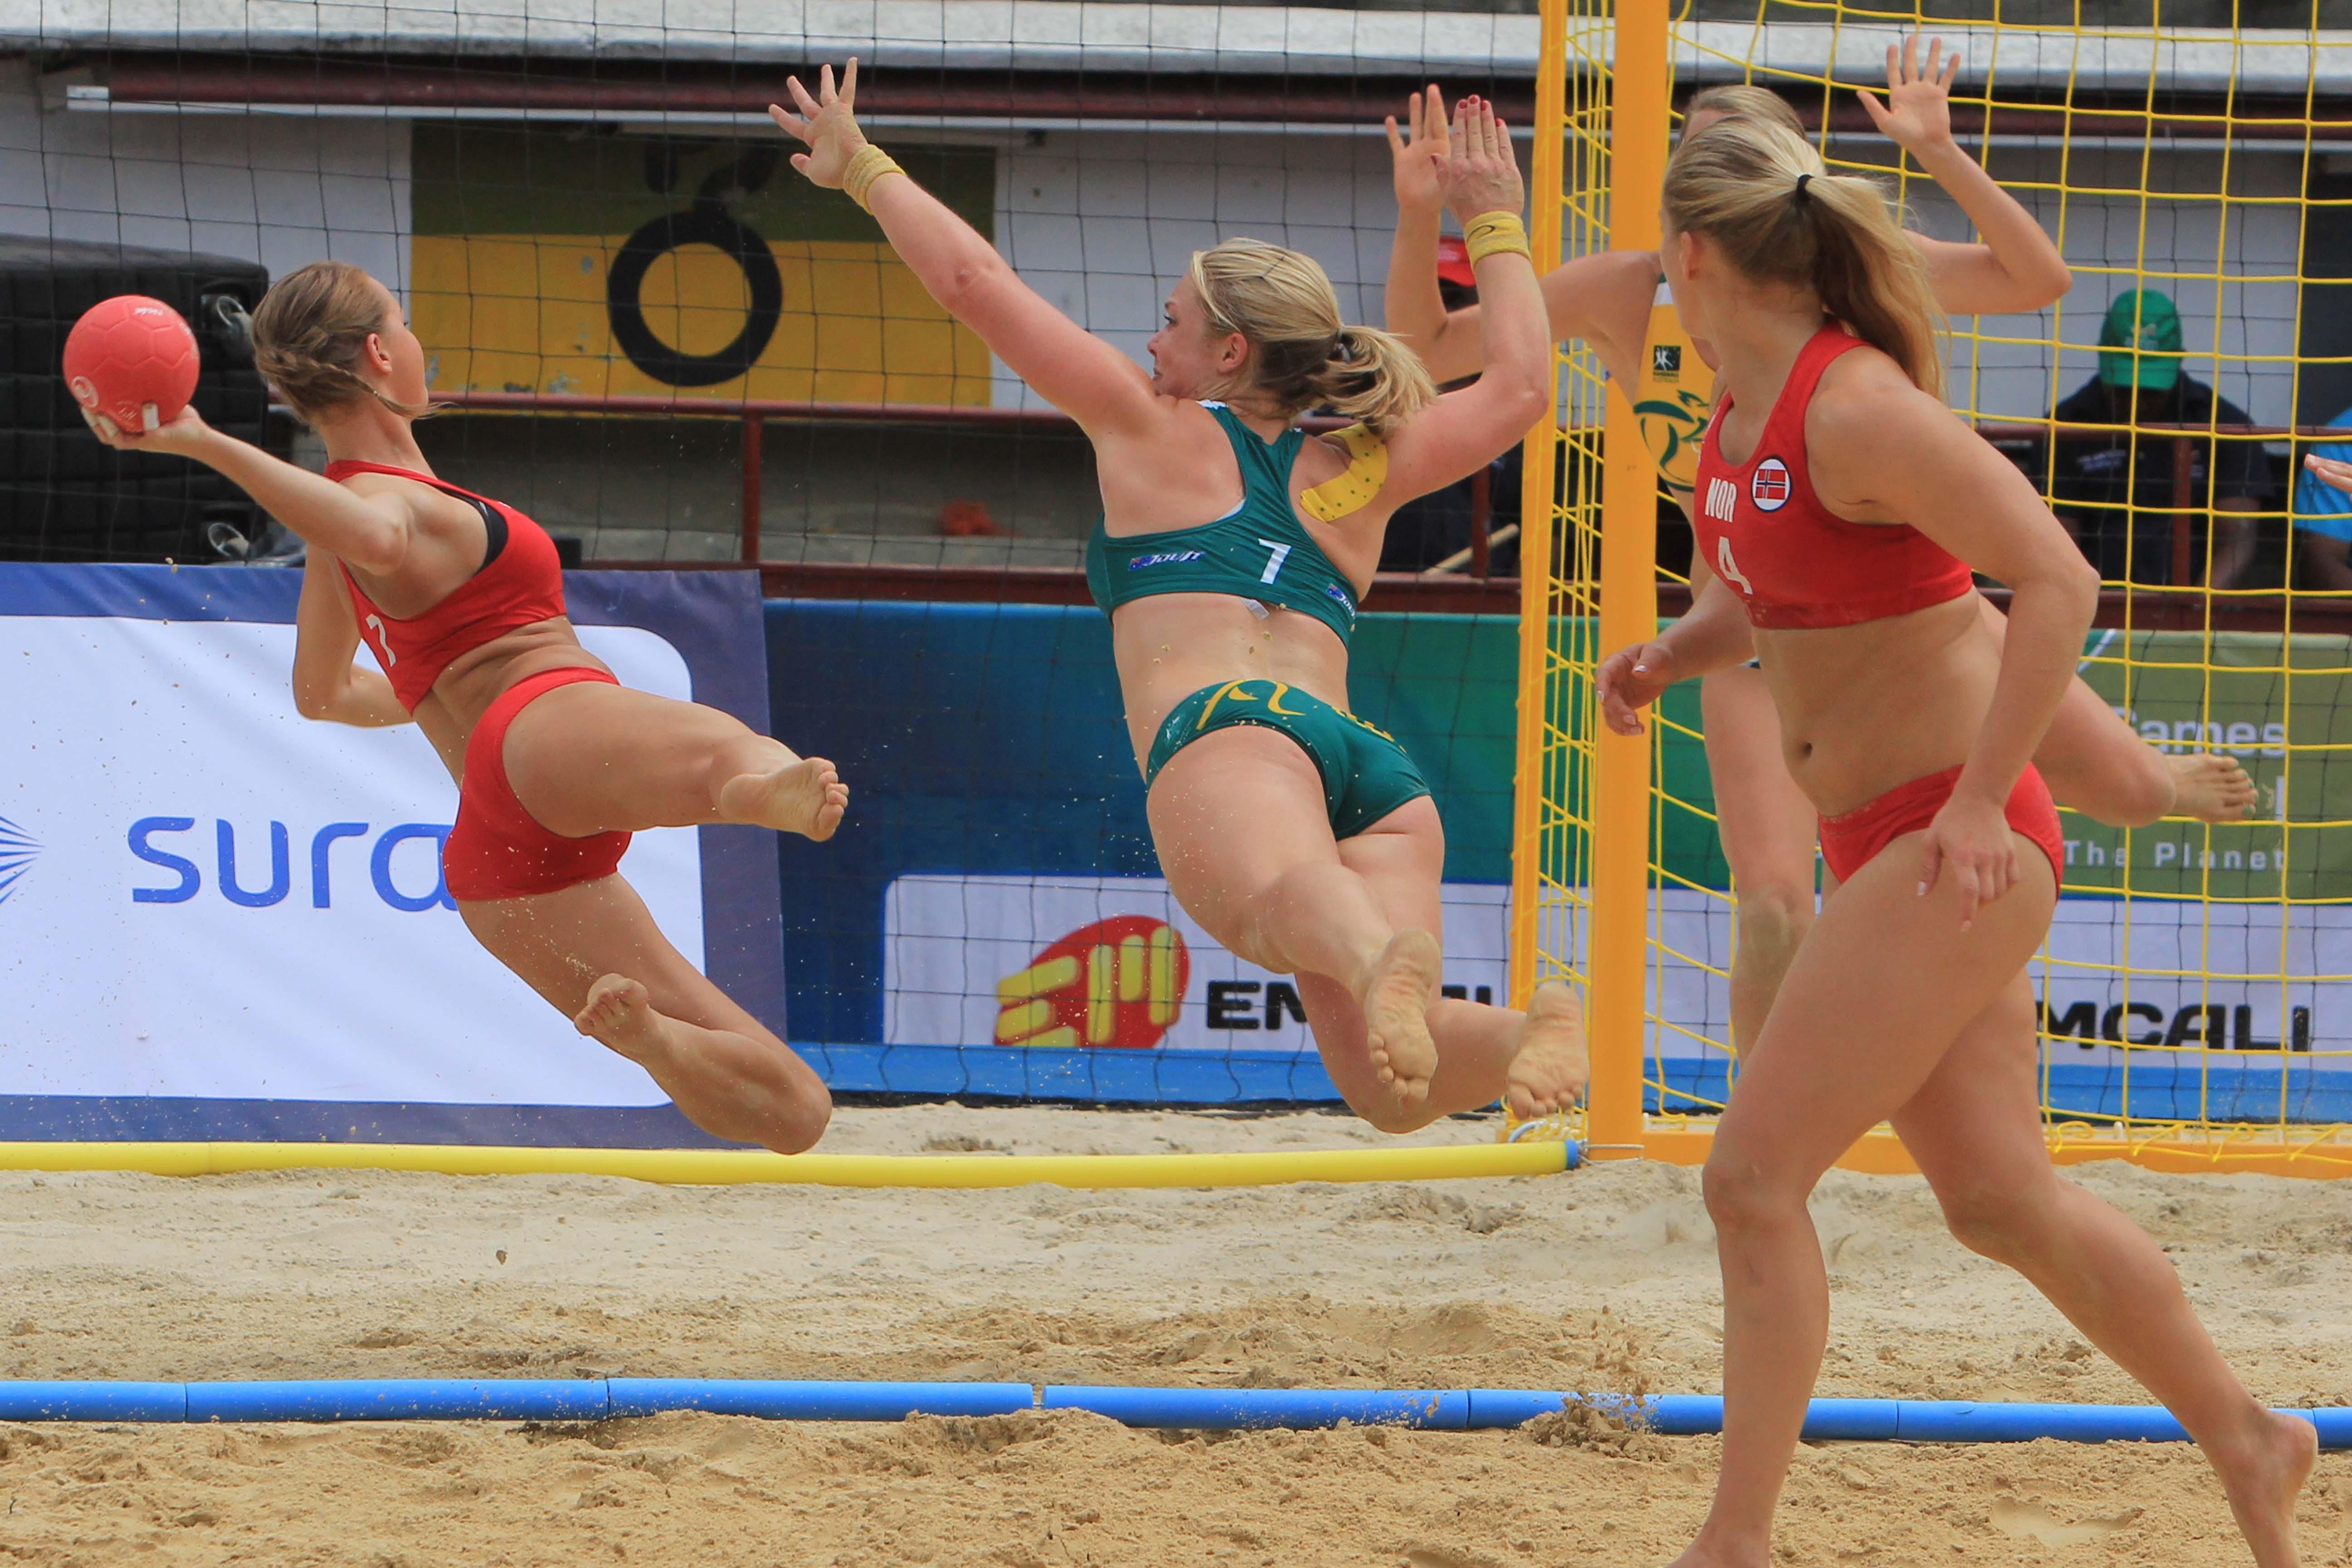 El balonmano de playa pone la emoción en la arena de Cañaveralejo